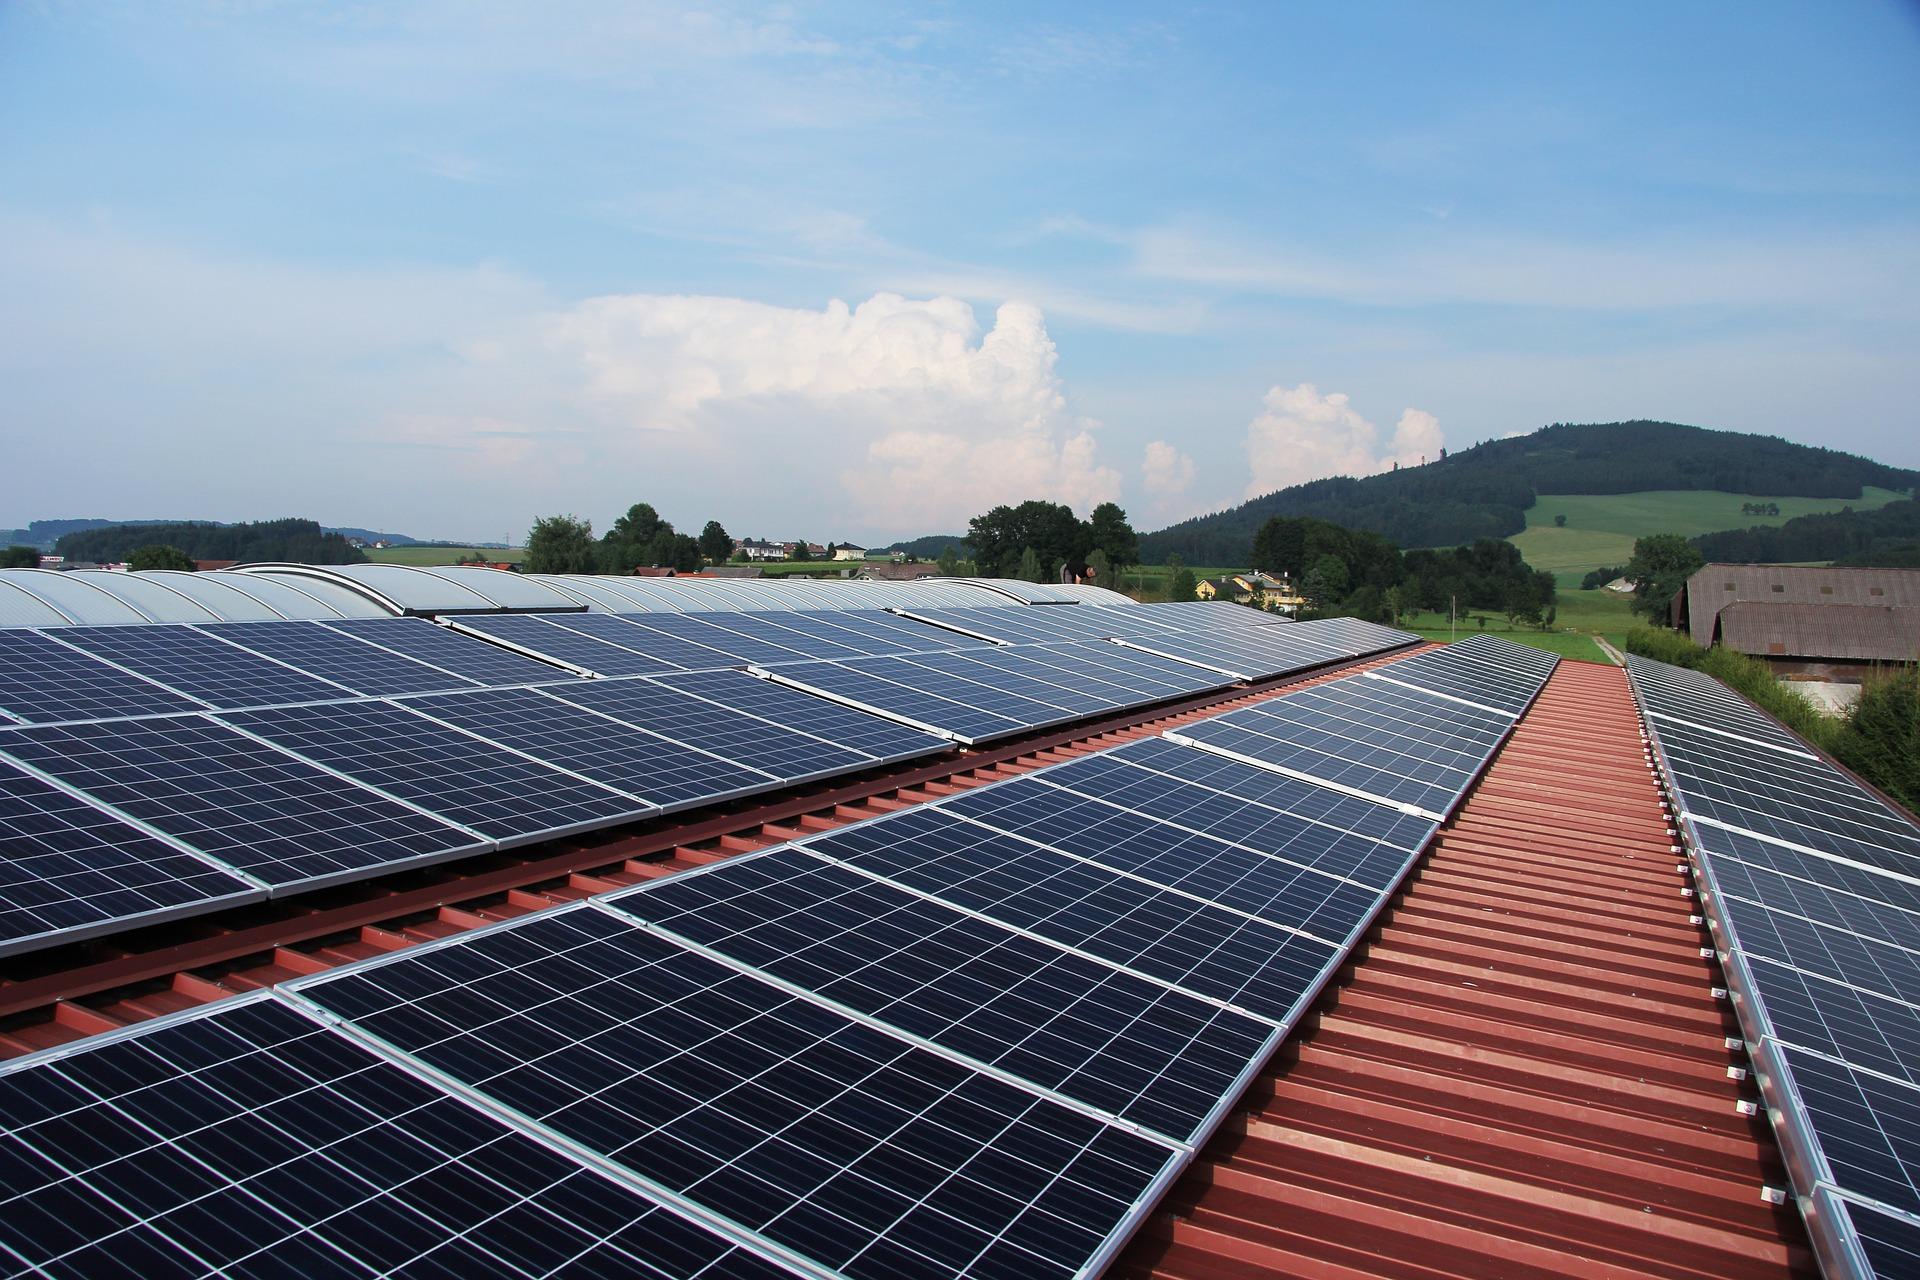 Panneaux solaires : quels avantages pour la maison ?